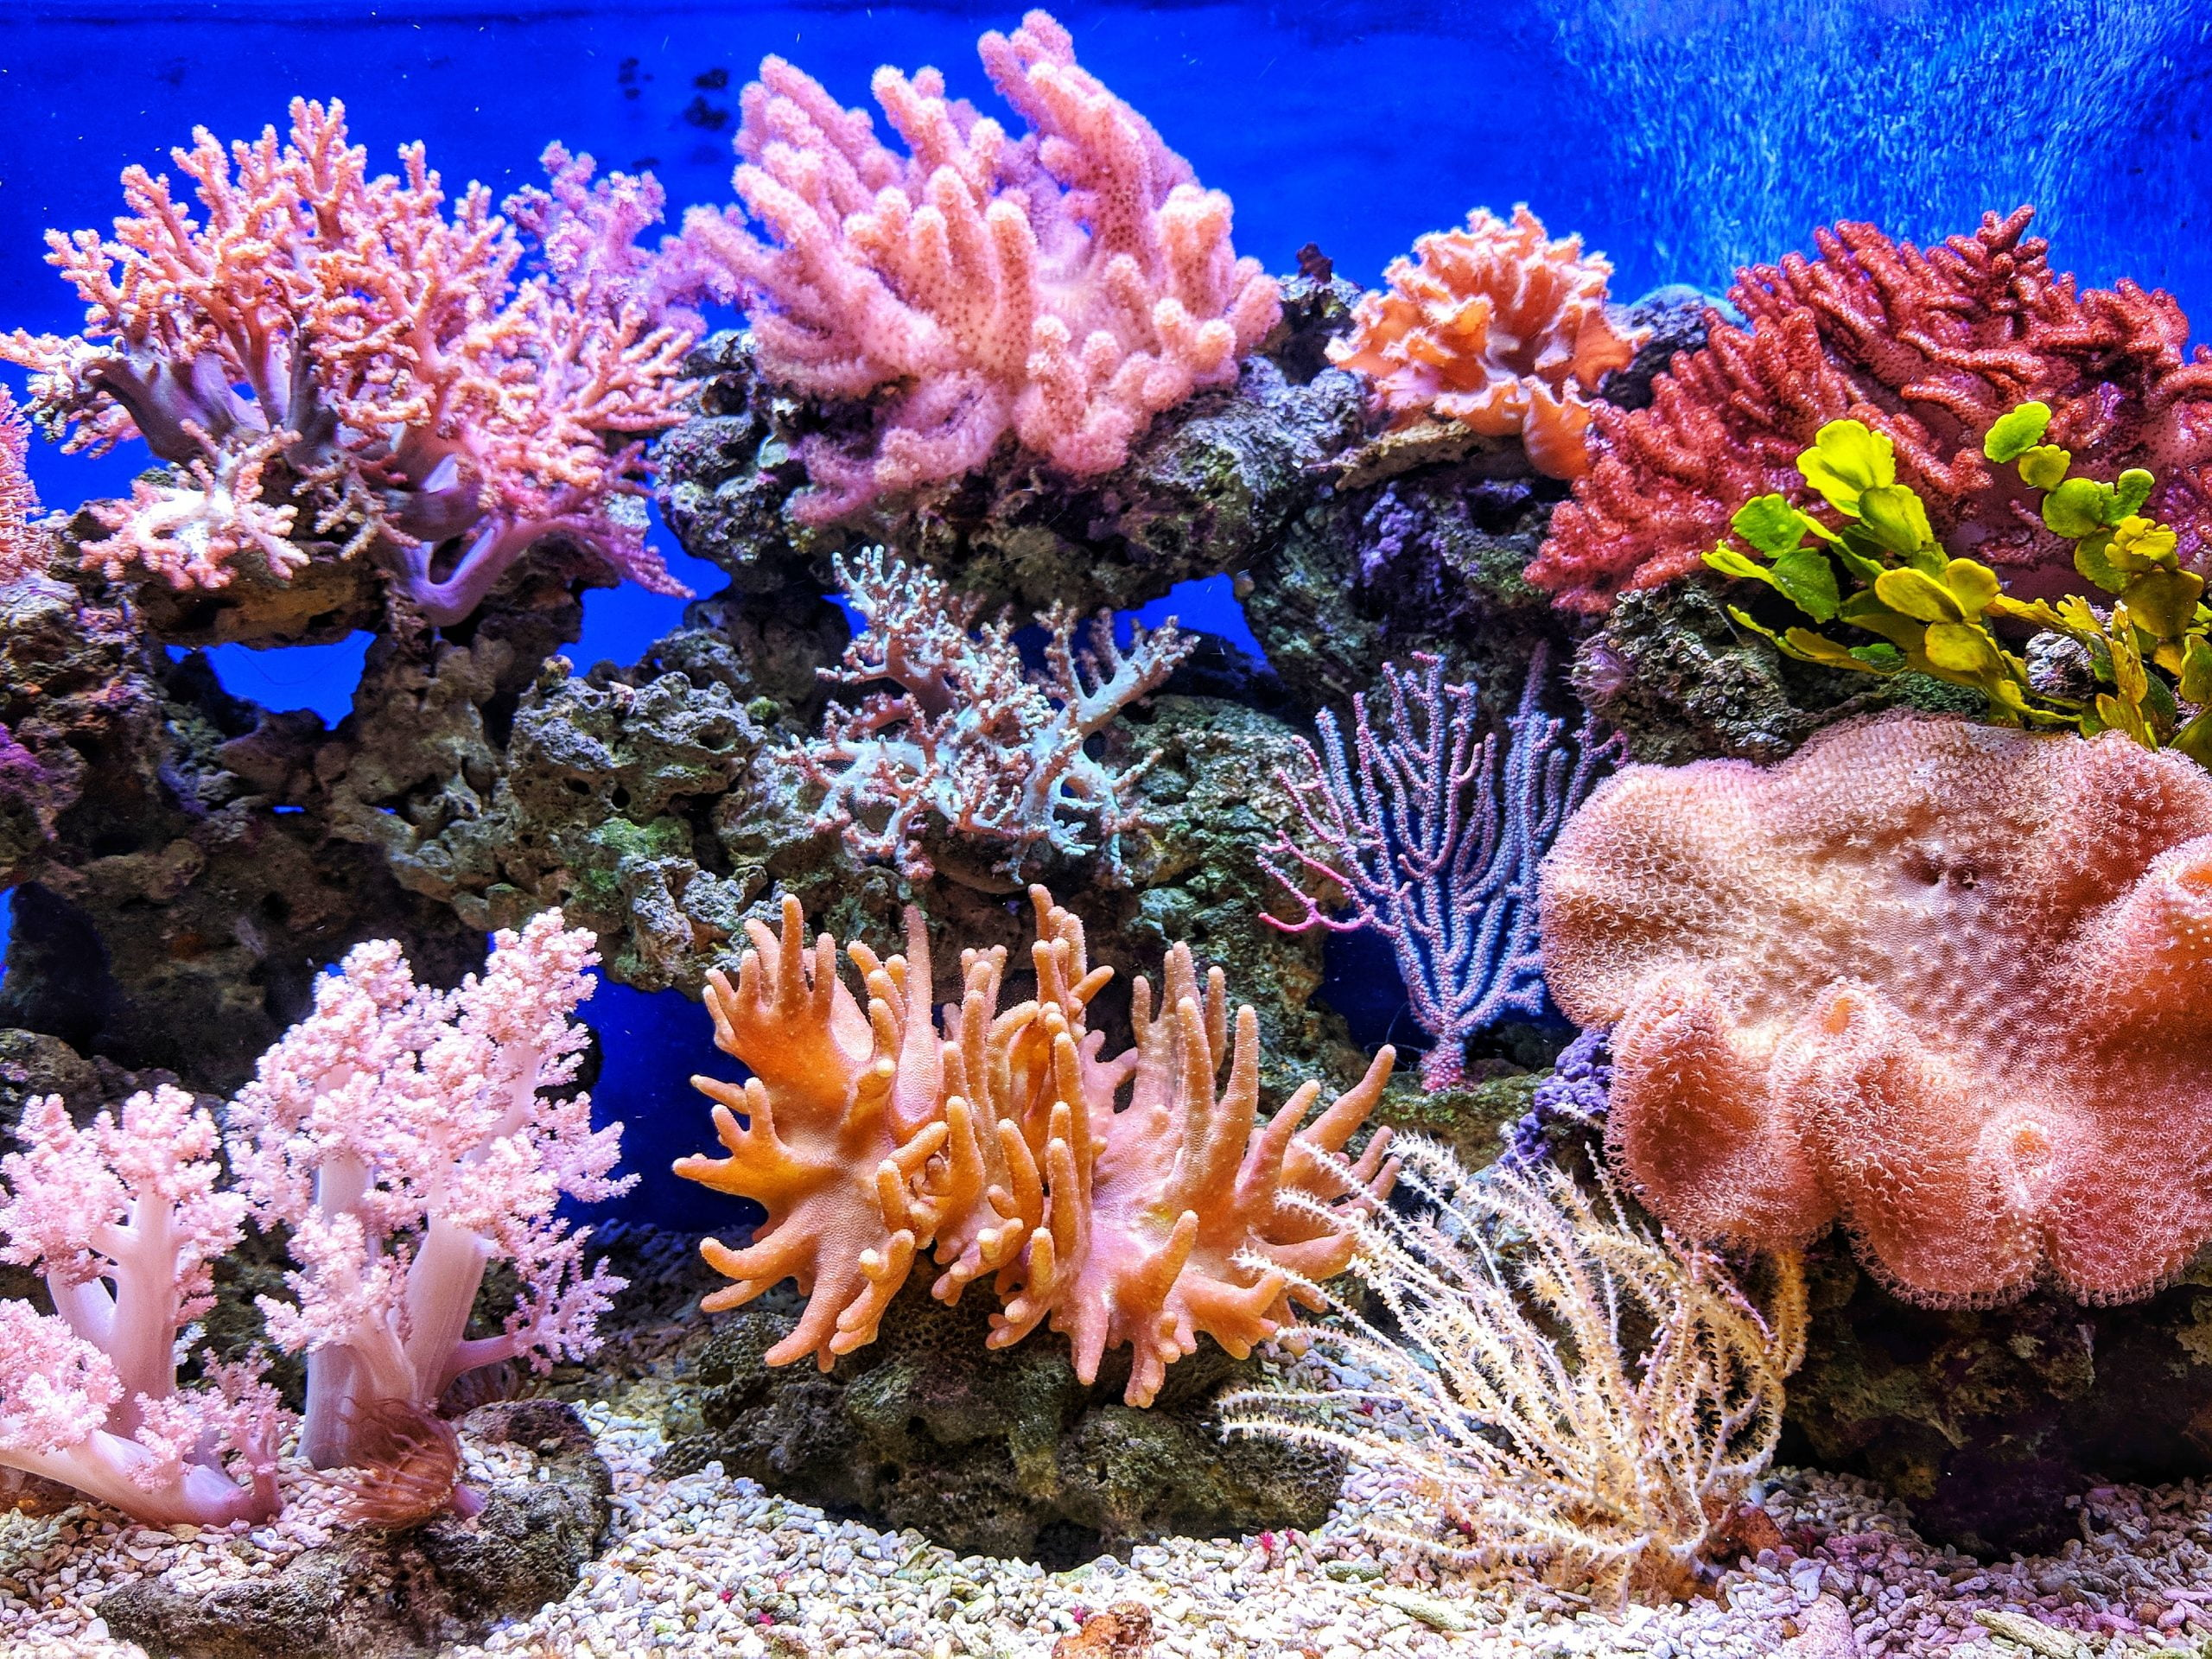 Los mejores mini acuarios marinos de arrecife [year] (análisis) 1